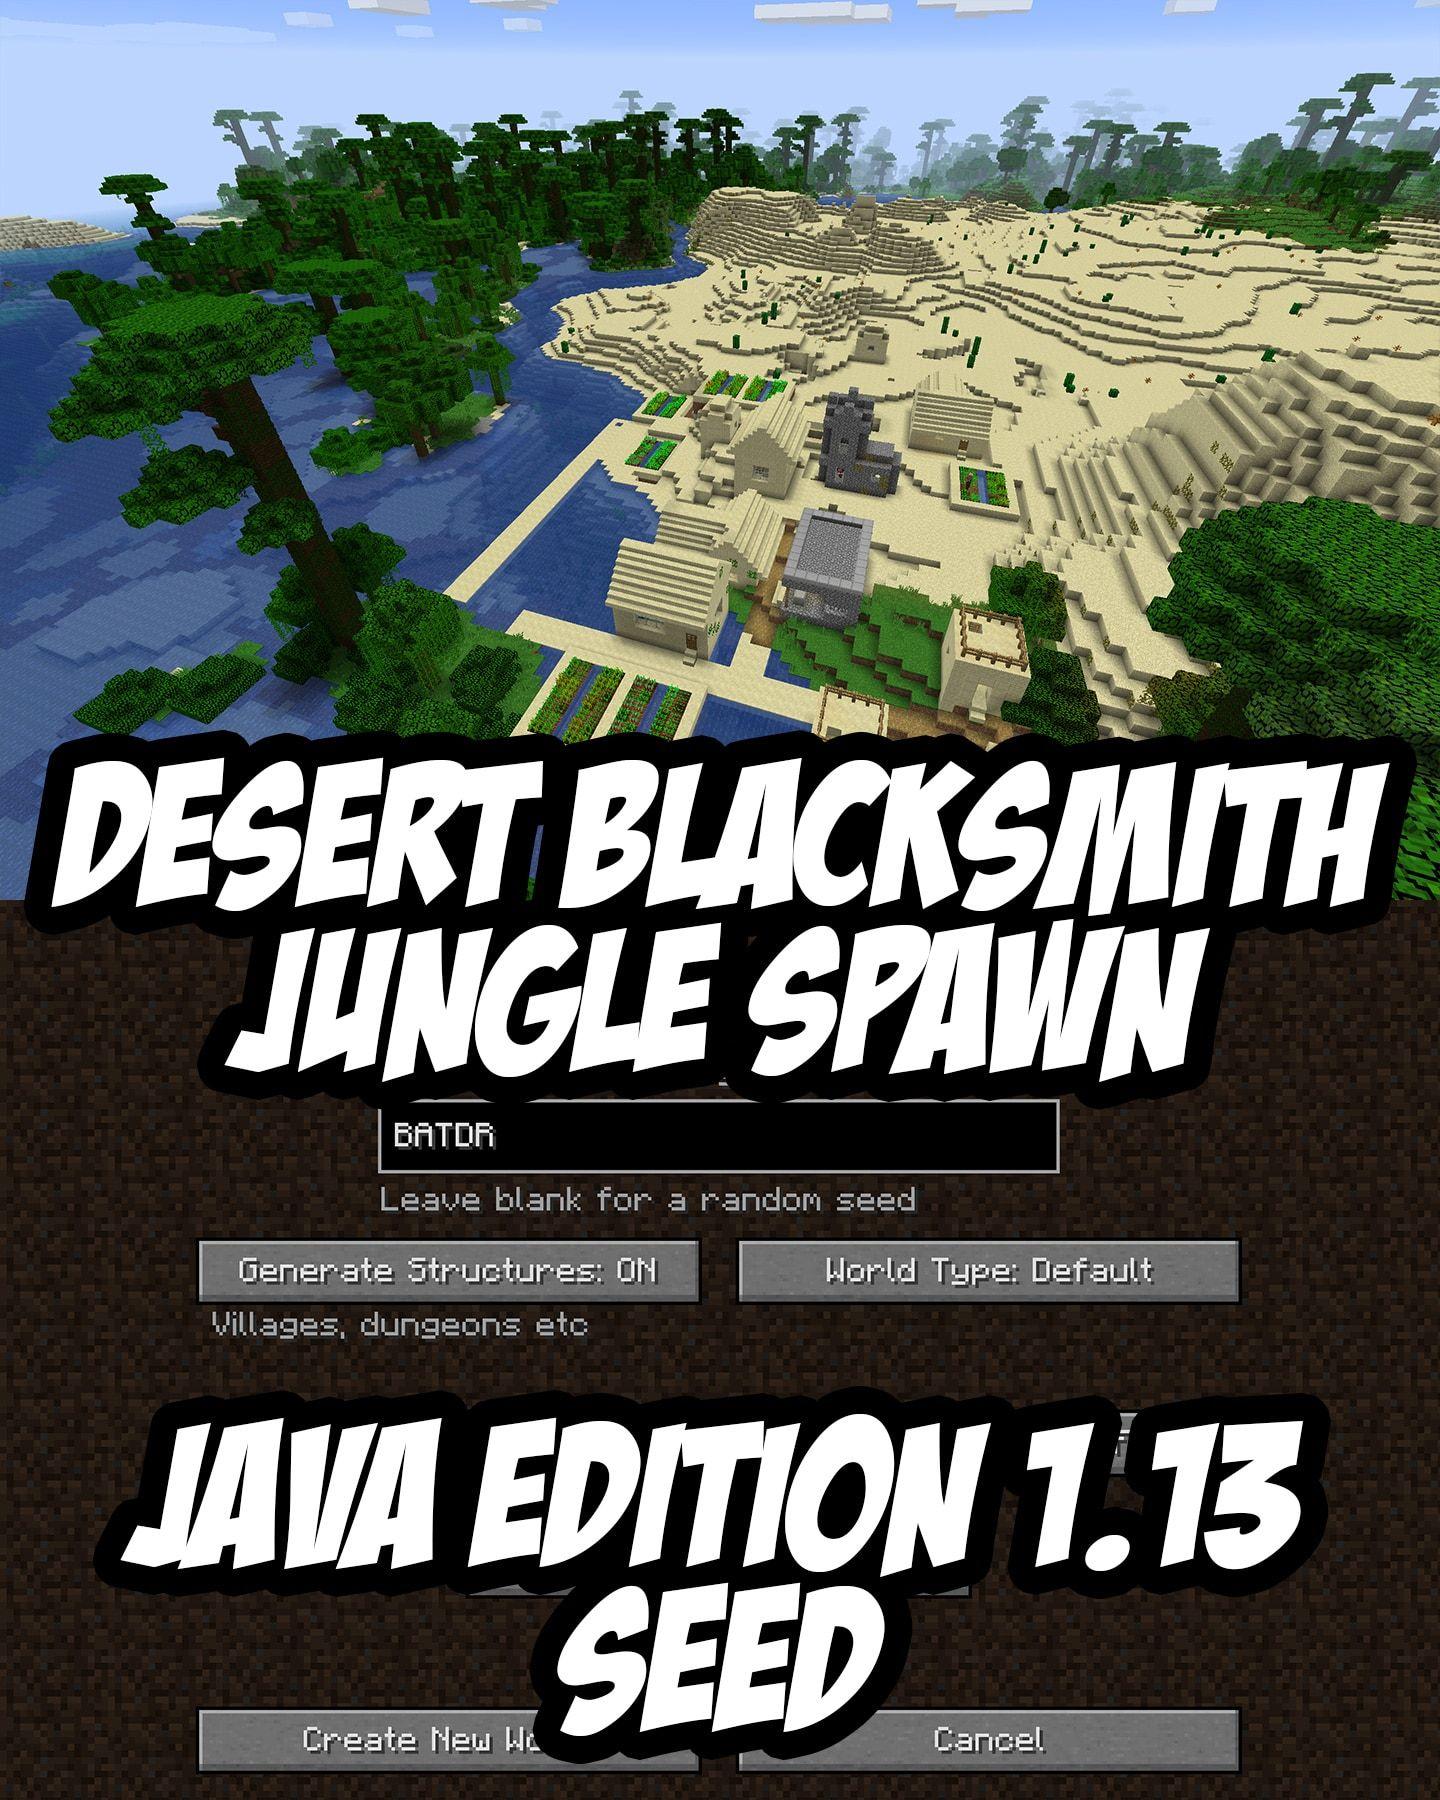 1 13 Seed Batdr 62971715 Minecraft Blueprints Minecraft Designs Minecraft Tutorial